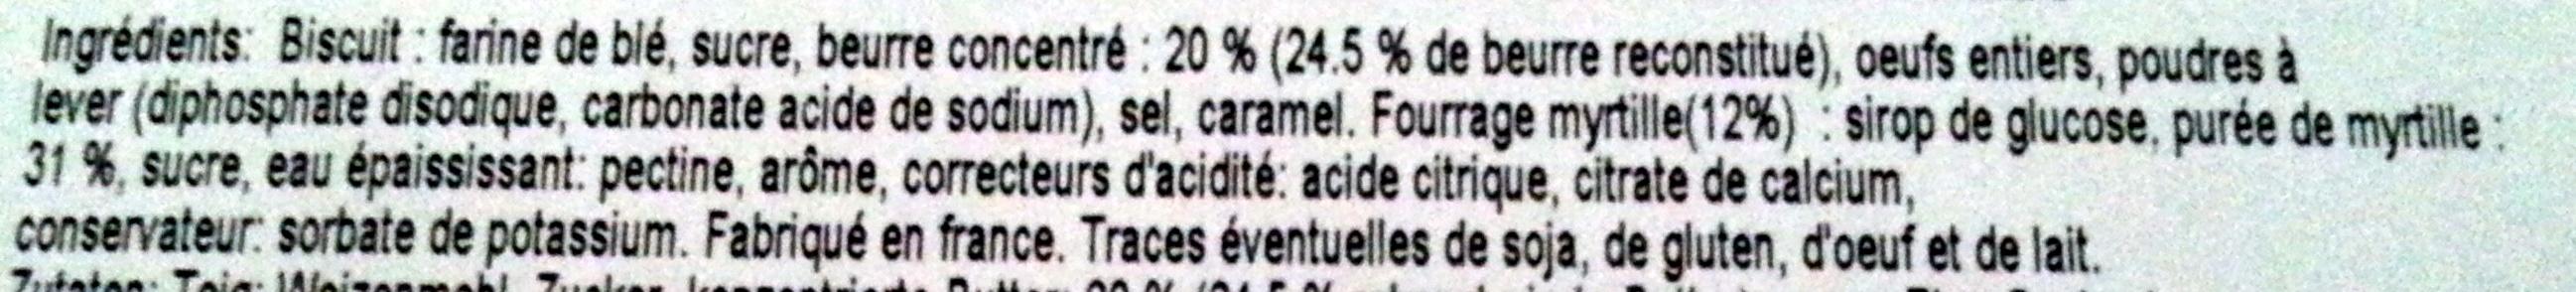 Chamonix Mont-Blanc - Gâteaux Fourrés Myrtille - Ingrédients